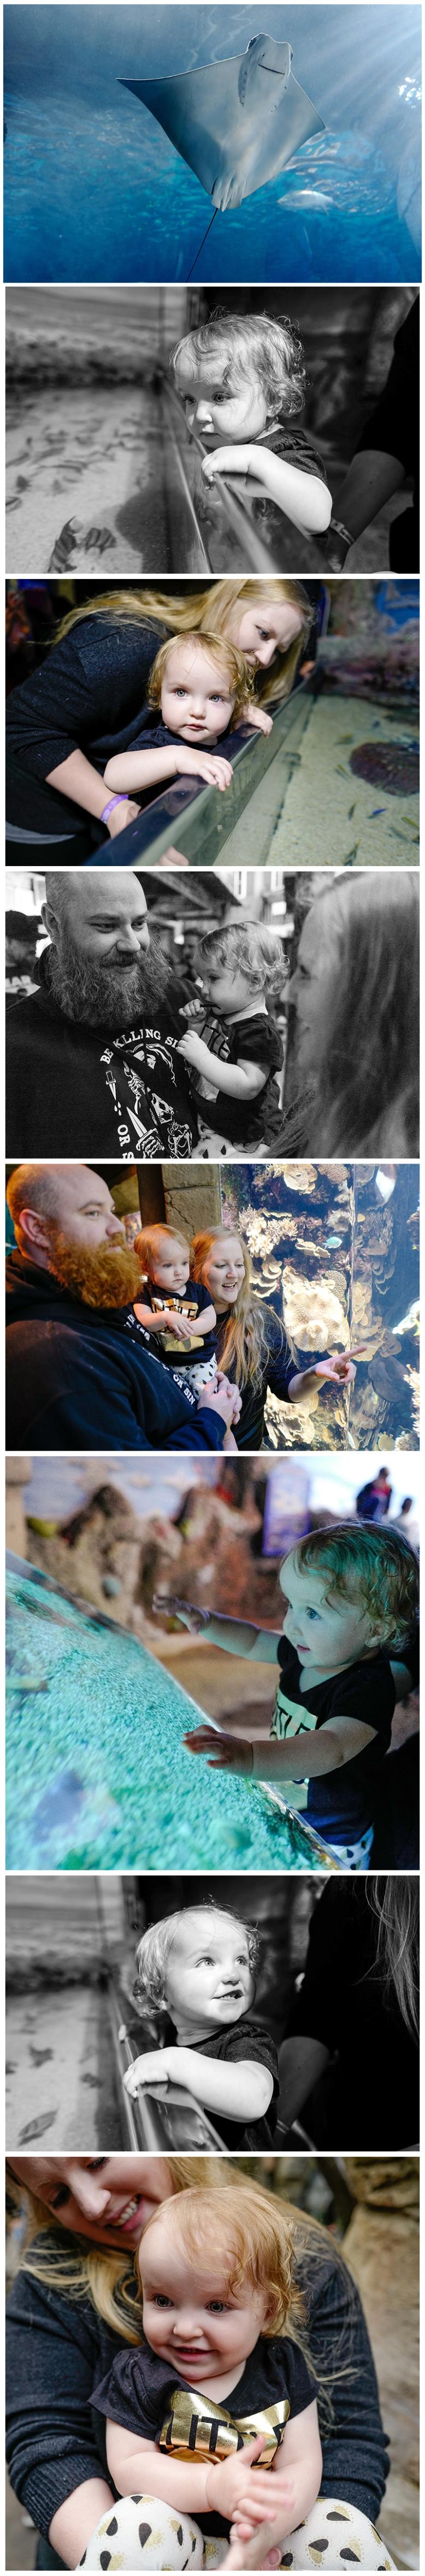 Adeline-first-visit-to-the-aquarium-2